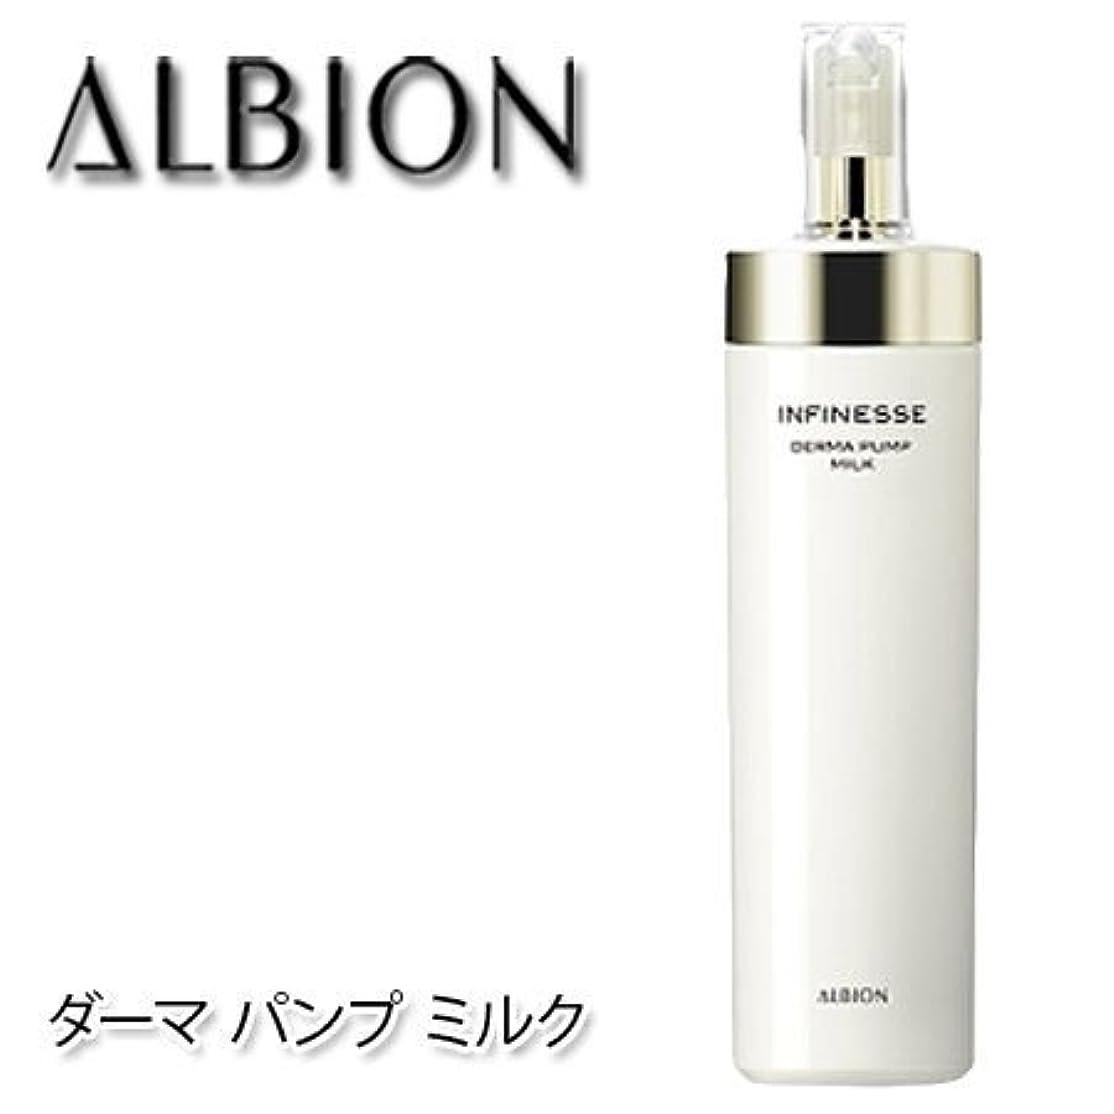 敬の念アクセル出力アルビオン アンフィネス ダーマ パンプ ミルク 200g-ALBION-